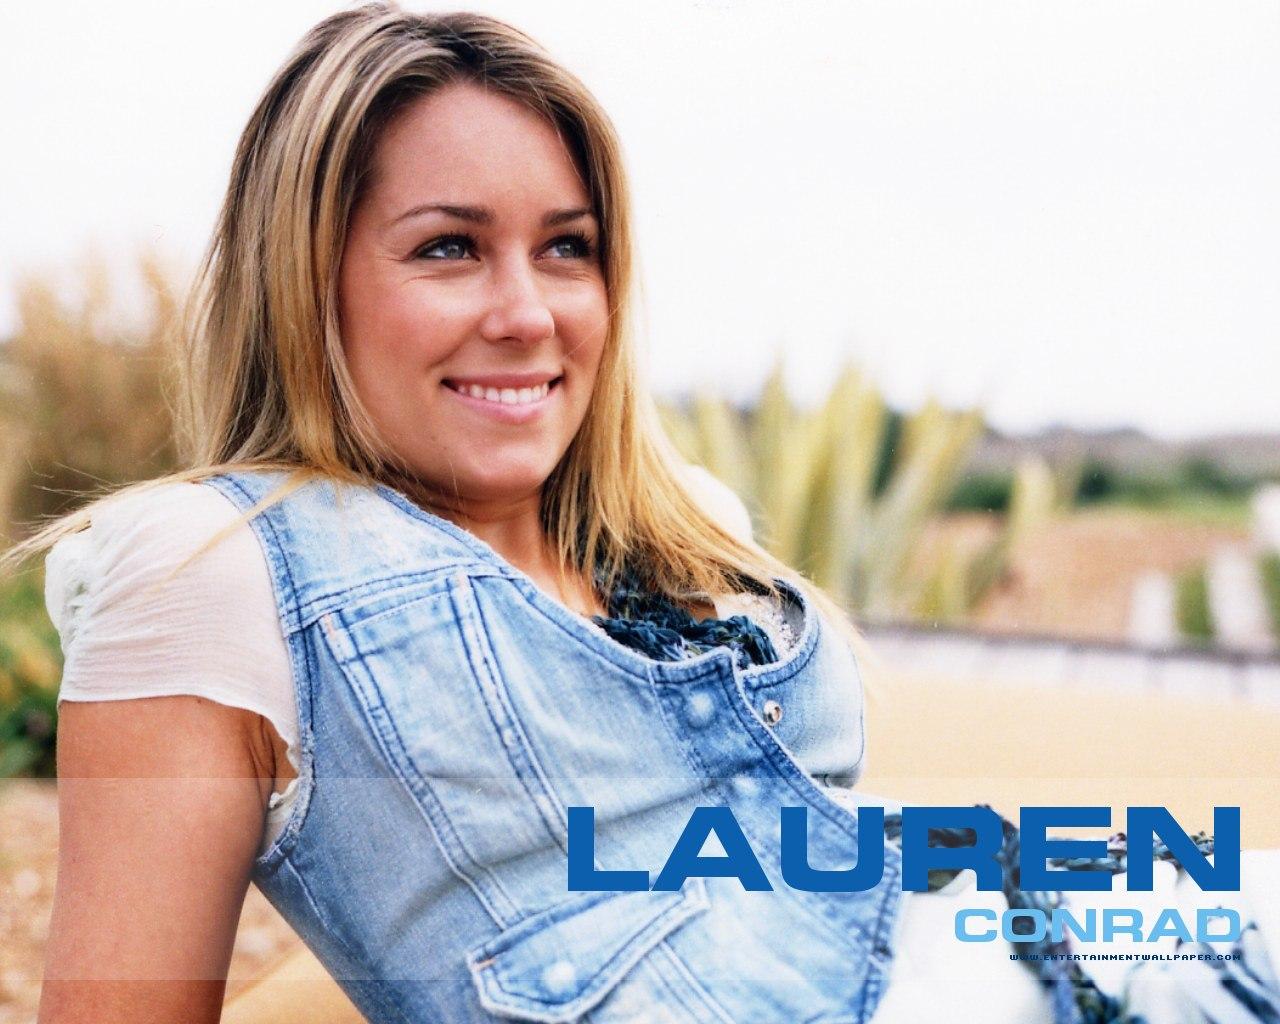 Lauren Conrad - Lauren Conrad Wallpaper (645247) - Fanpop